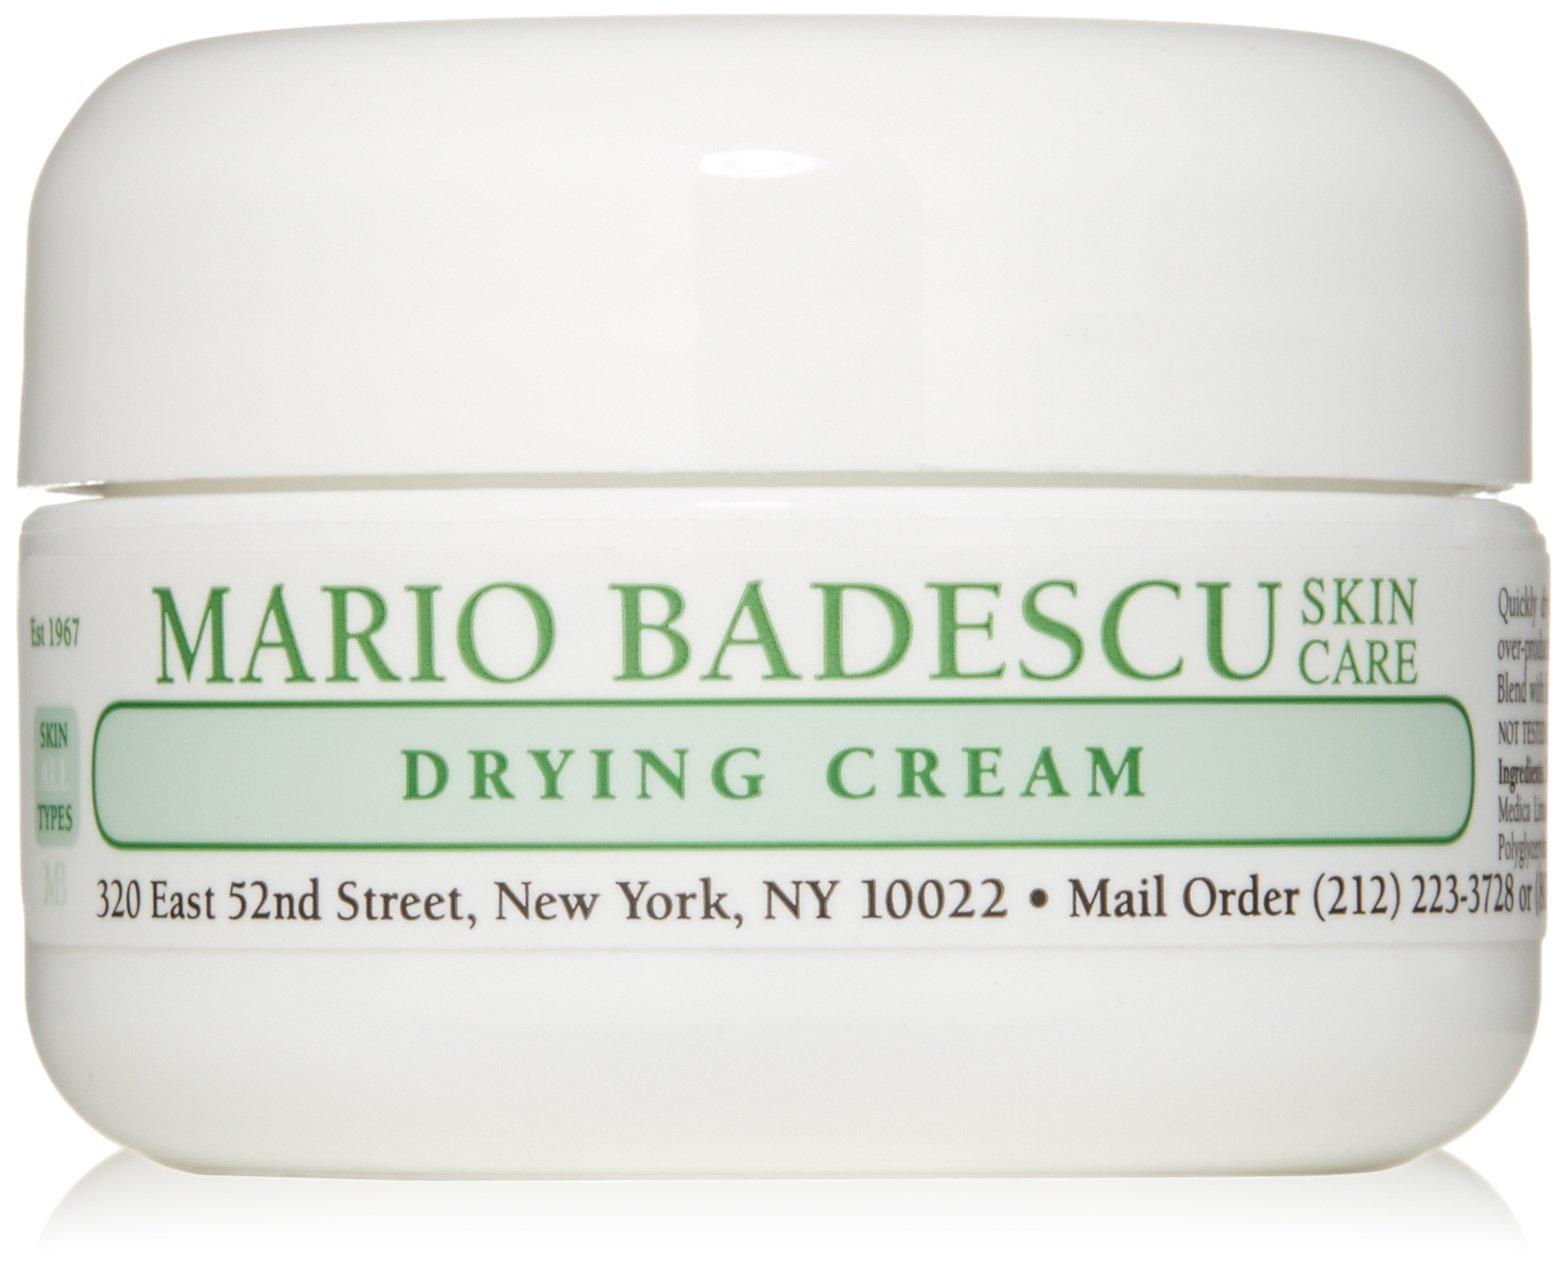 Mario Badescu Drying Cream, 0.5 oz. by Mario Badescu